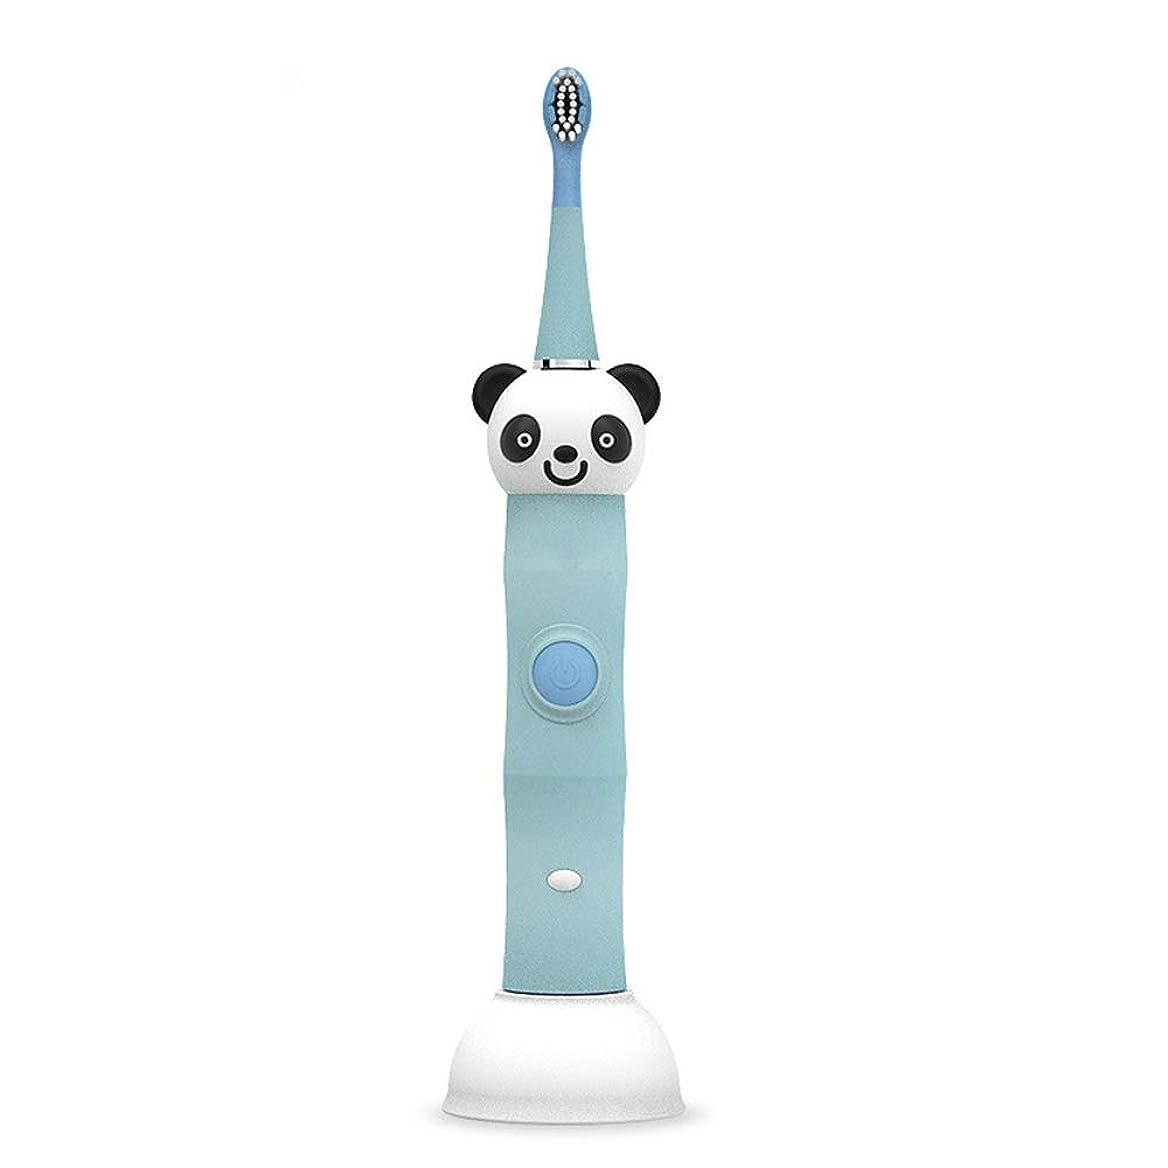 削除する引き算オリエンタル電動歯ブラシ 毎日の使用のためのUSBの充満基盤の柔らかい毛のきれいな歯ブラシと防水子供の電動歯ブラシ 大人と子供向け (色 : 青, サイズ : Free size)